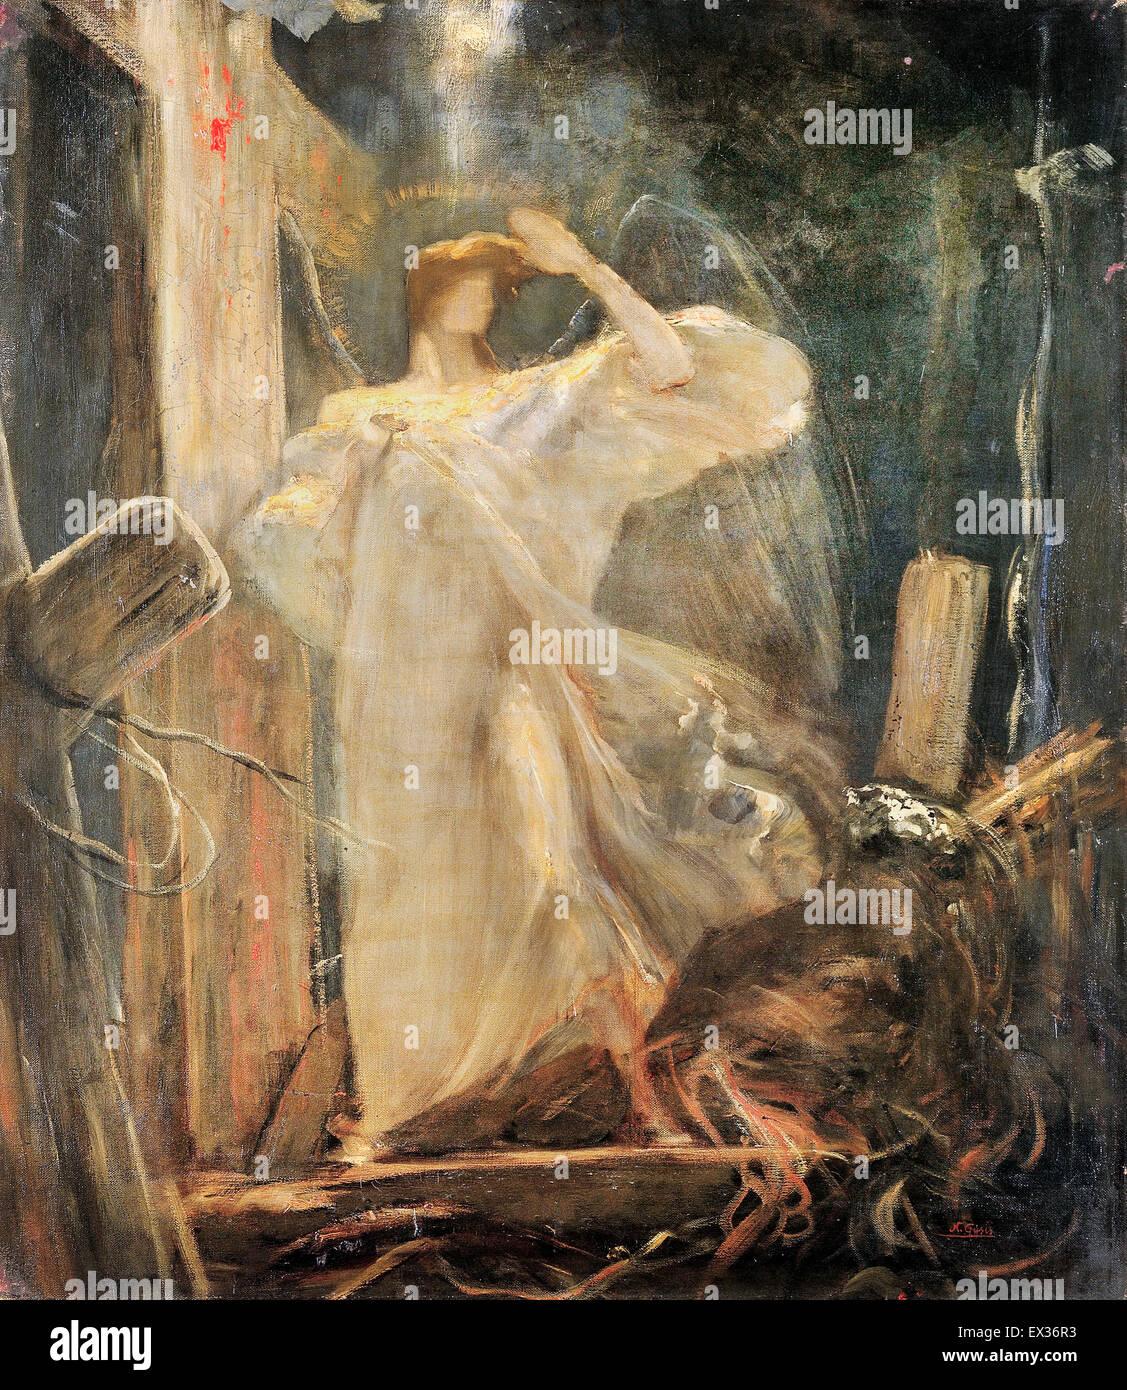 Nikolaos Gyzis, Archangel, Study for the Foundation of the Faith. 1894-1895 Oil on canvas. Benaki Museum, Athens, - Stock Image